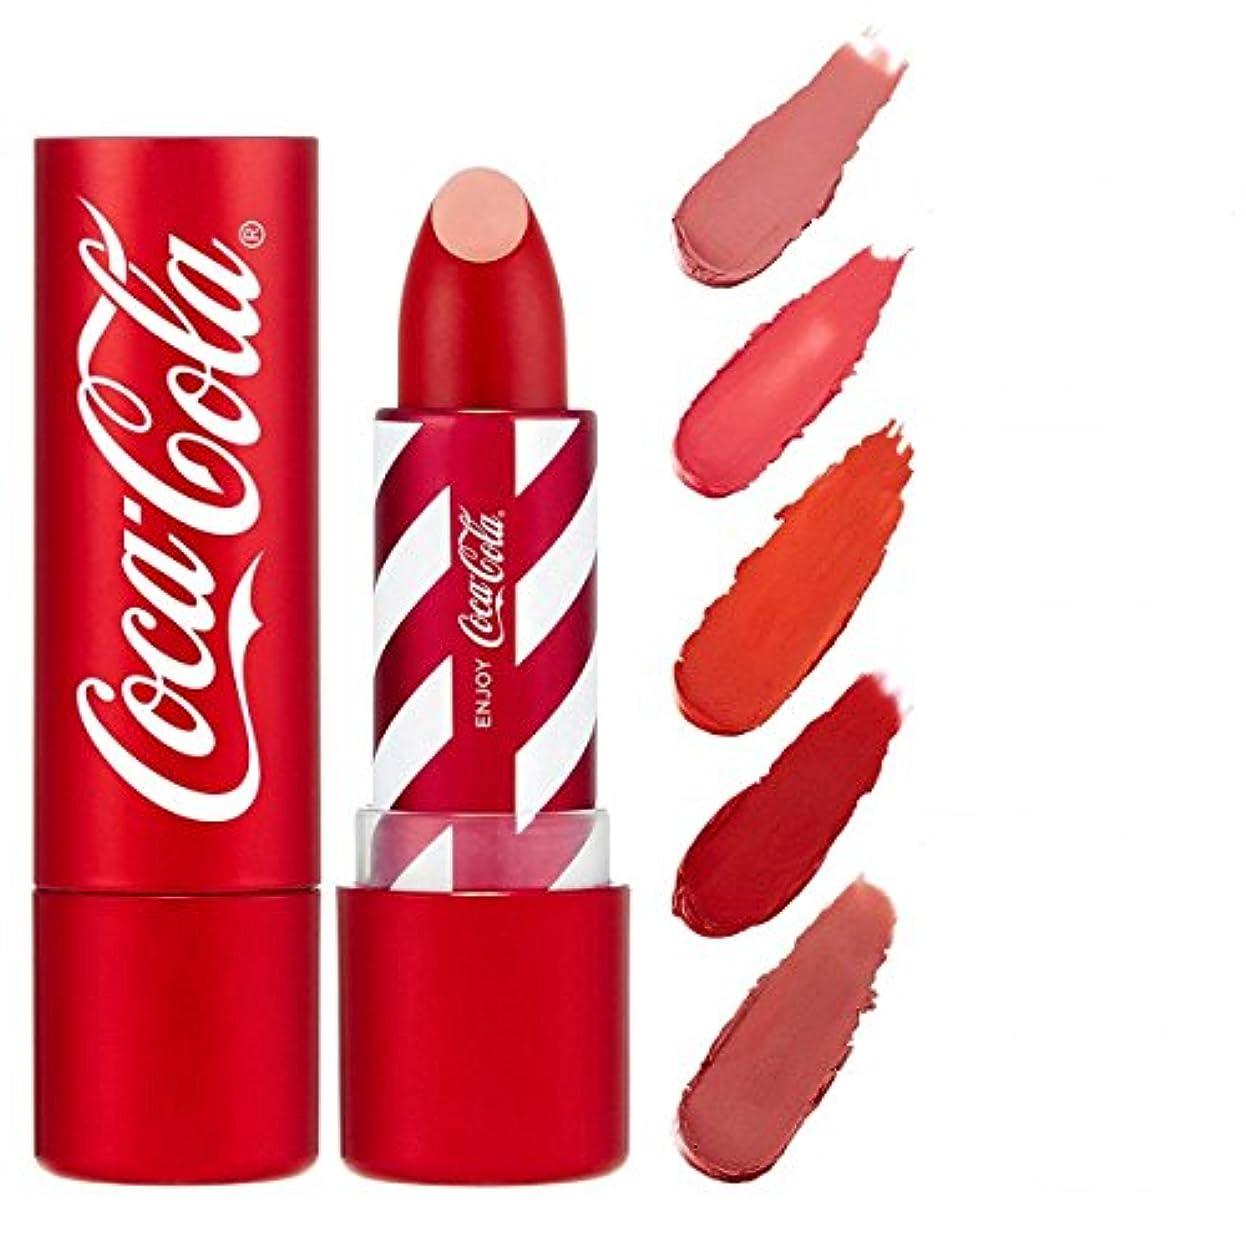 言語劇的準備するコカ?コーラ×THE FACE SHOP リップスティック ~ コカ?コーラ公式グッズ 04 COKE RED